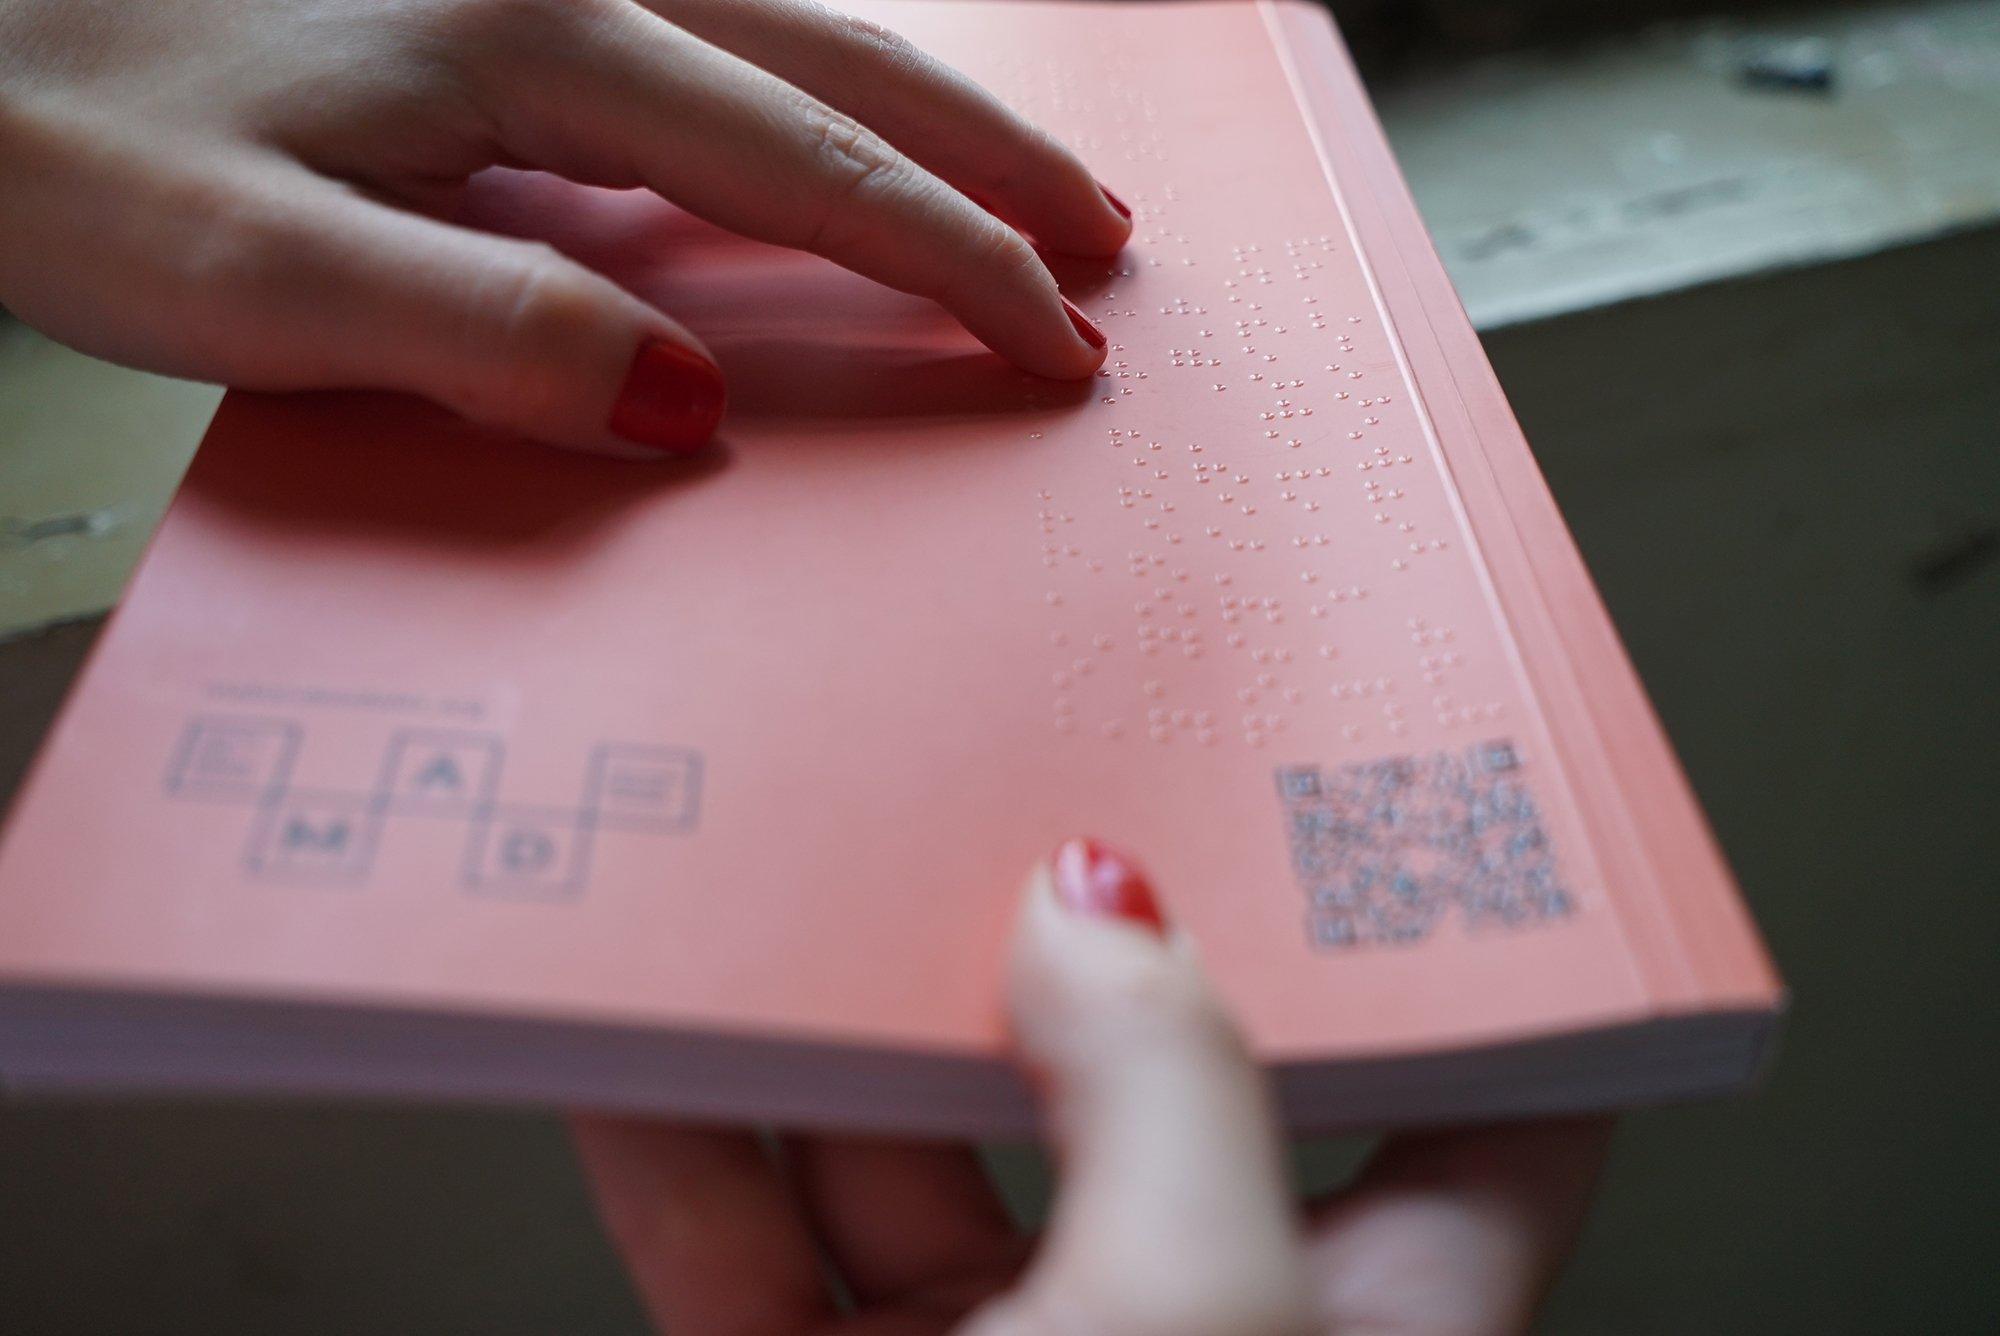 Dergiyi tutan bir çift el arka kapakta bulunan braille alfabesini okumaya çalışıyor.